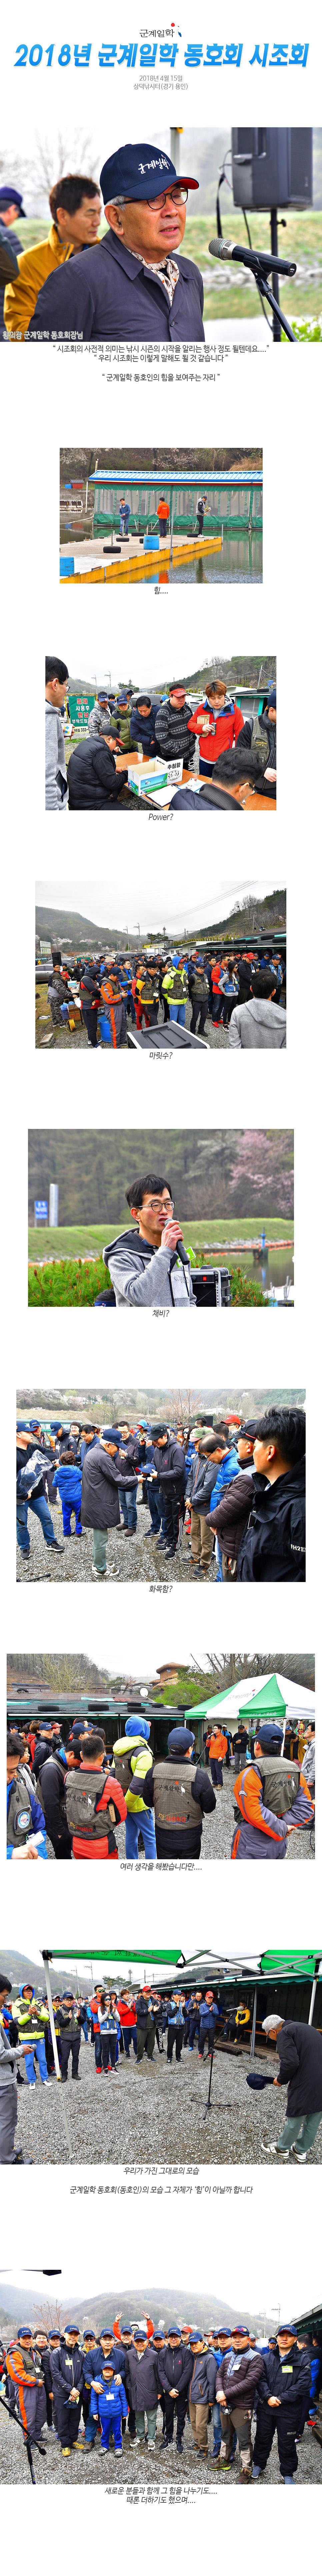 군계일학 2018년 시조회 01.jpg